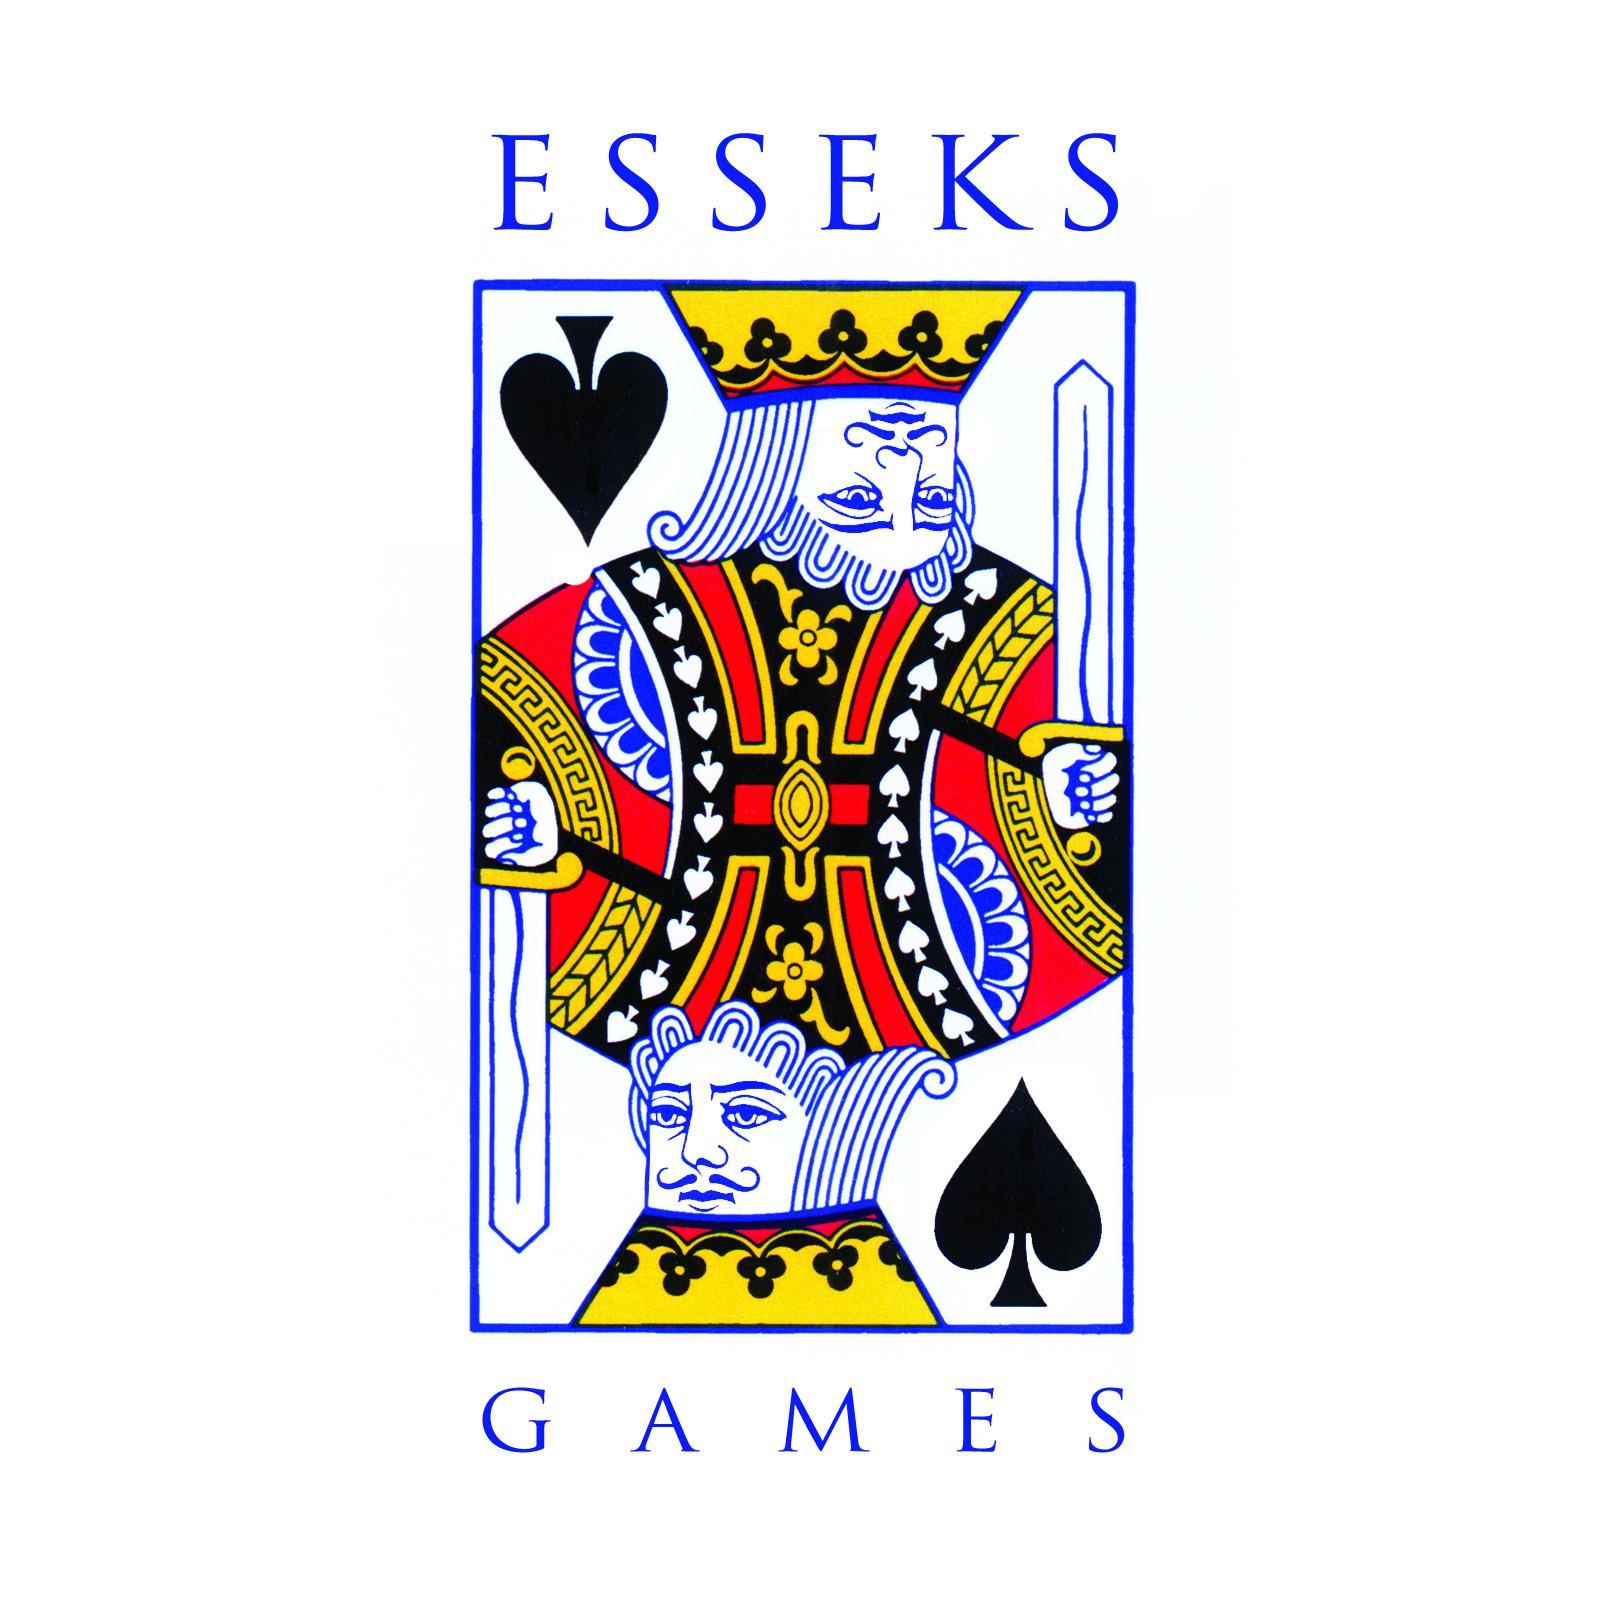 Esseks Spades Album Art